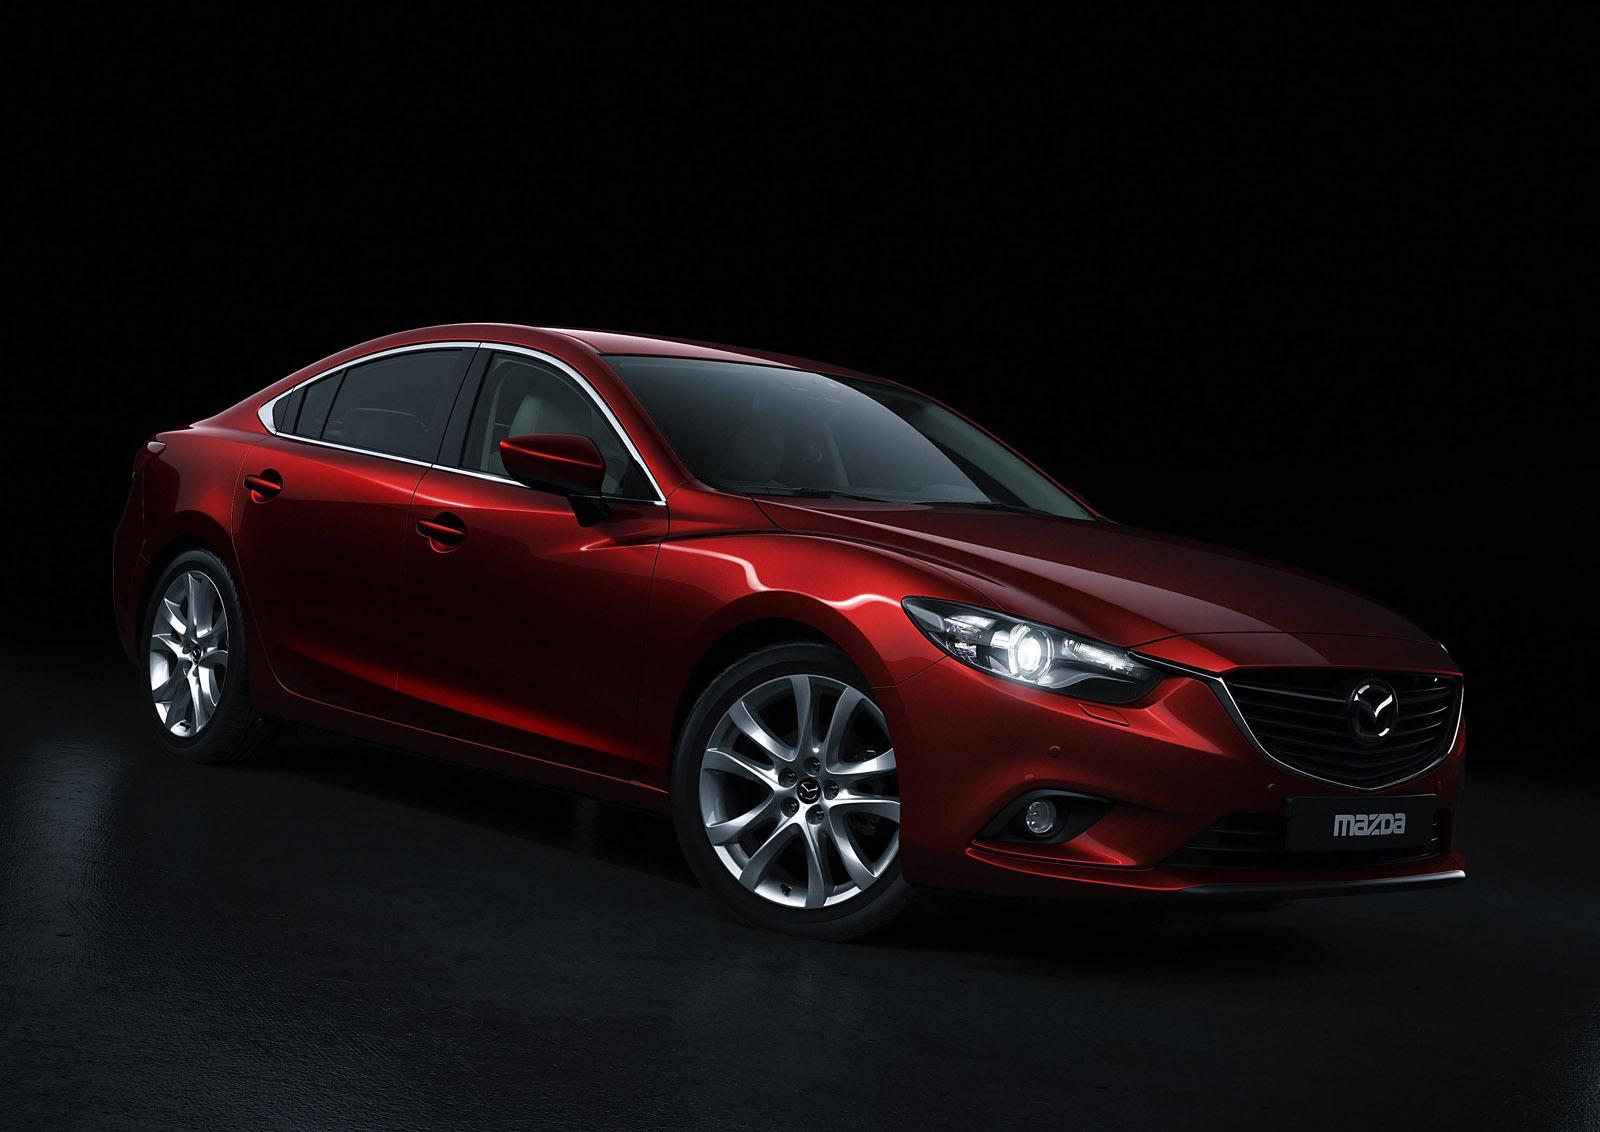 1908_588644_Mazda6_Sedan_2012_still_07